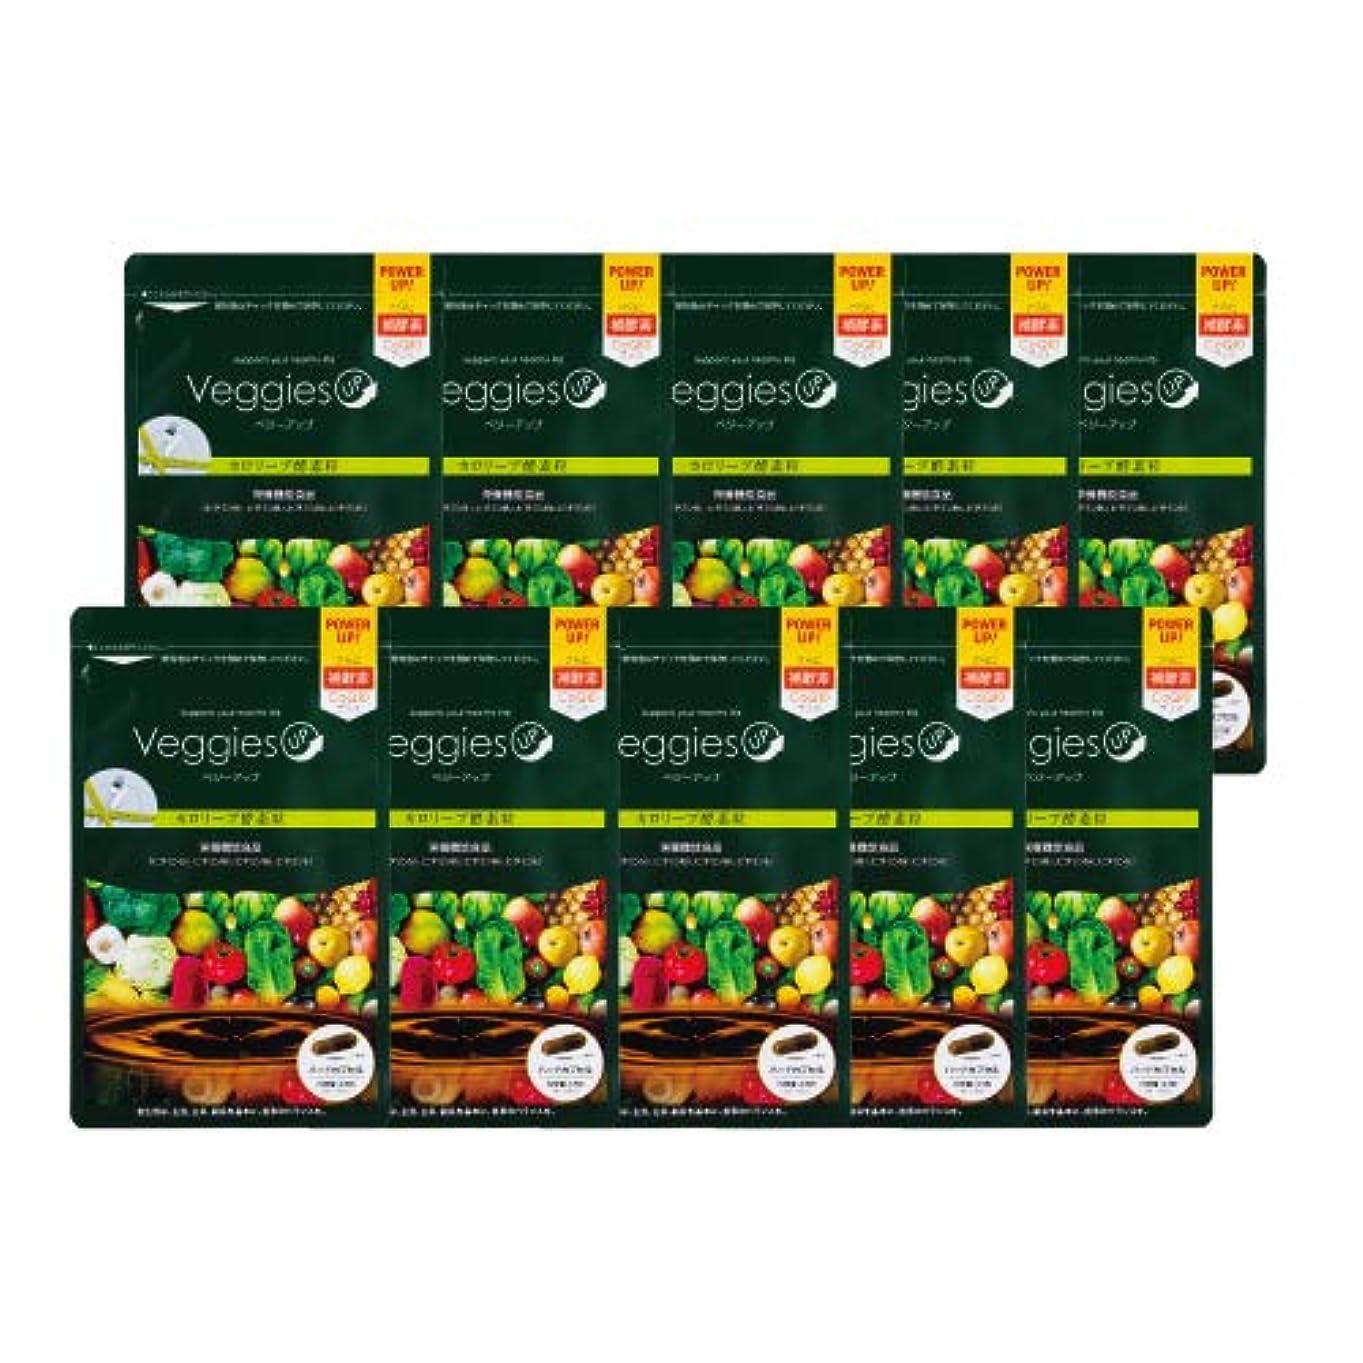 粗い運命重くするベジーアップ酵素粒カロリーブ 93粒 10袋セット ダイエット 酵素サプリ 酵素ダイエット サラシア コエンザイムQ10 竹炭